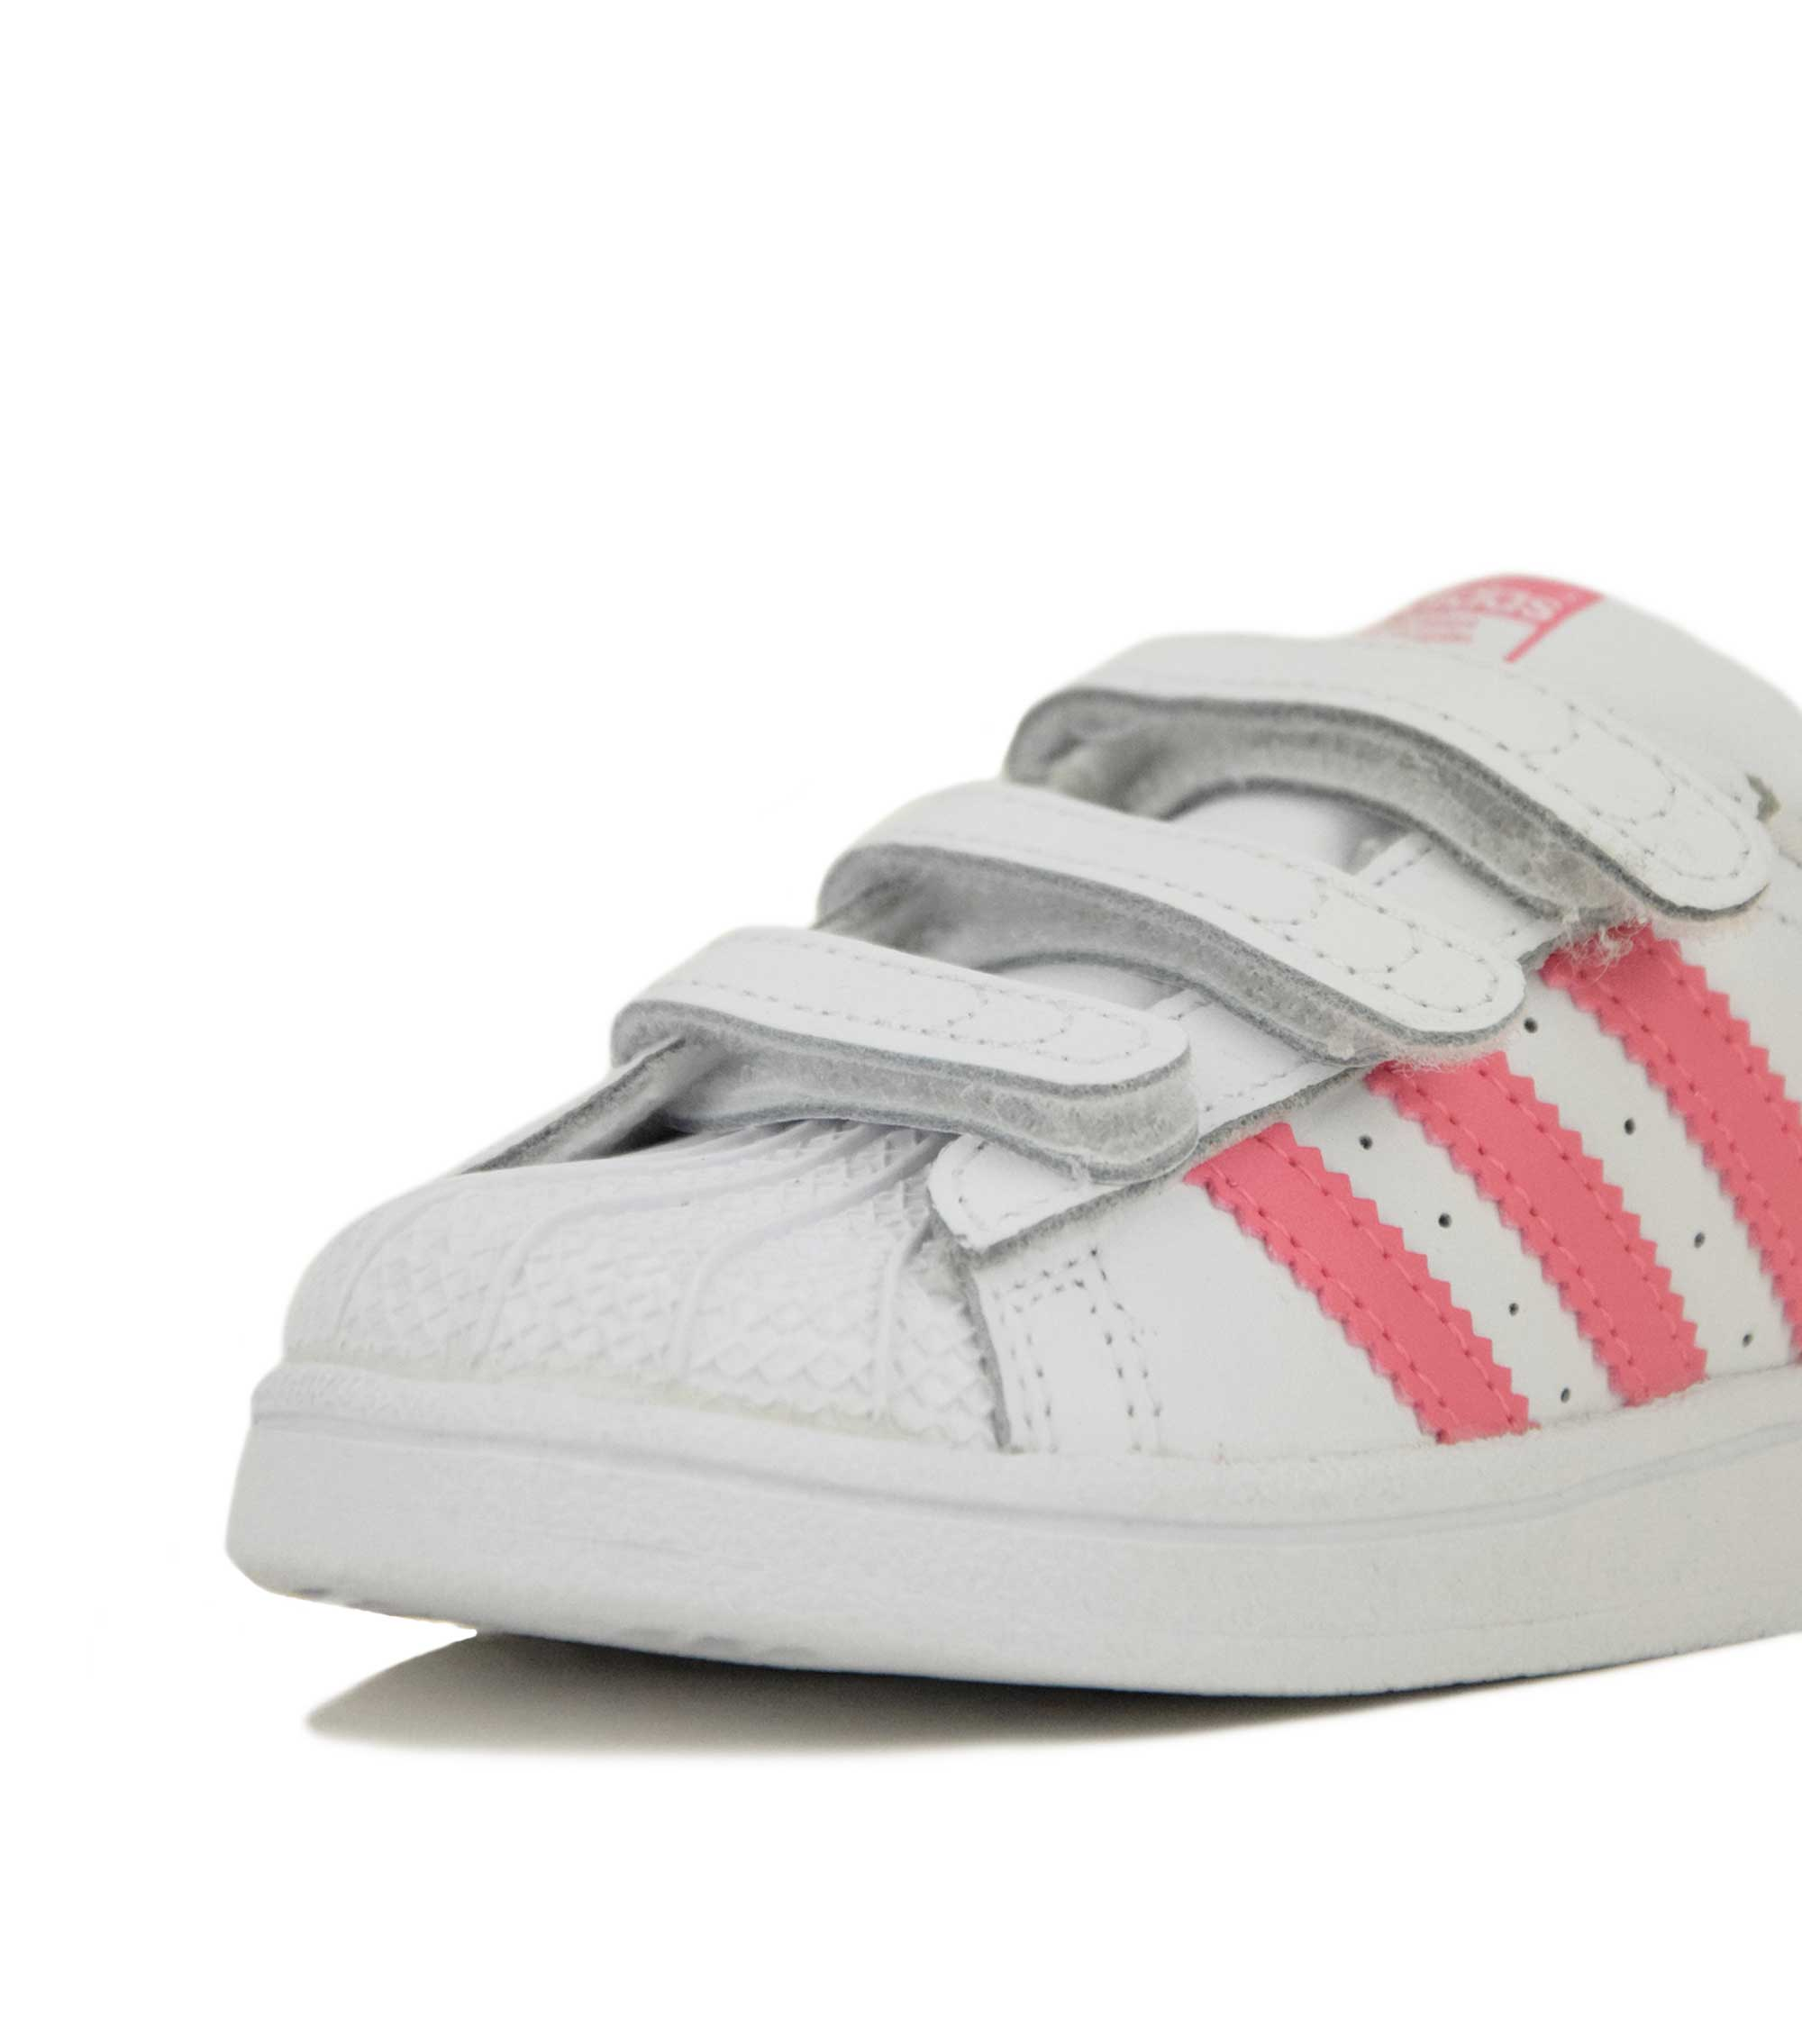 best website b4618 977c5 Adidas Superstar CF I (CG6638) White/Pink